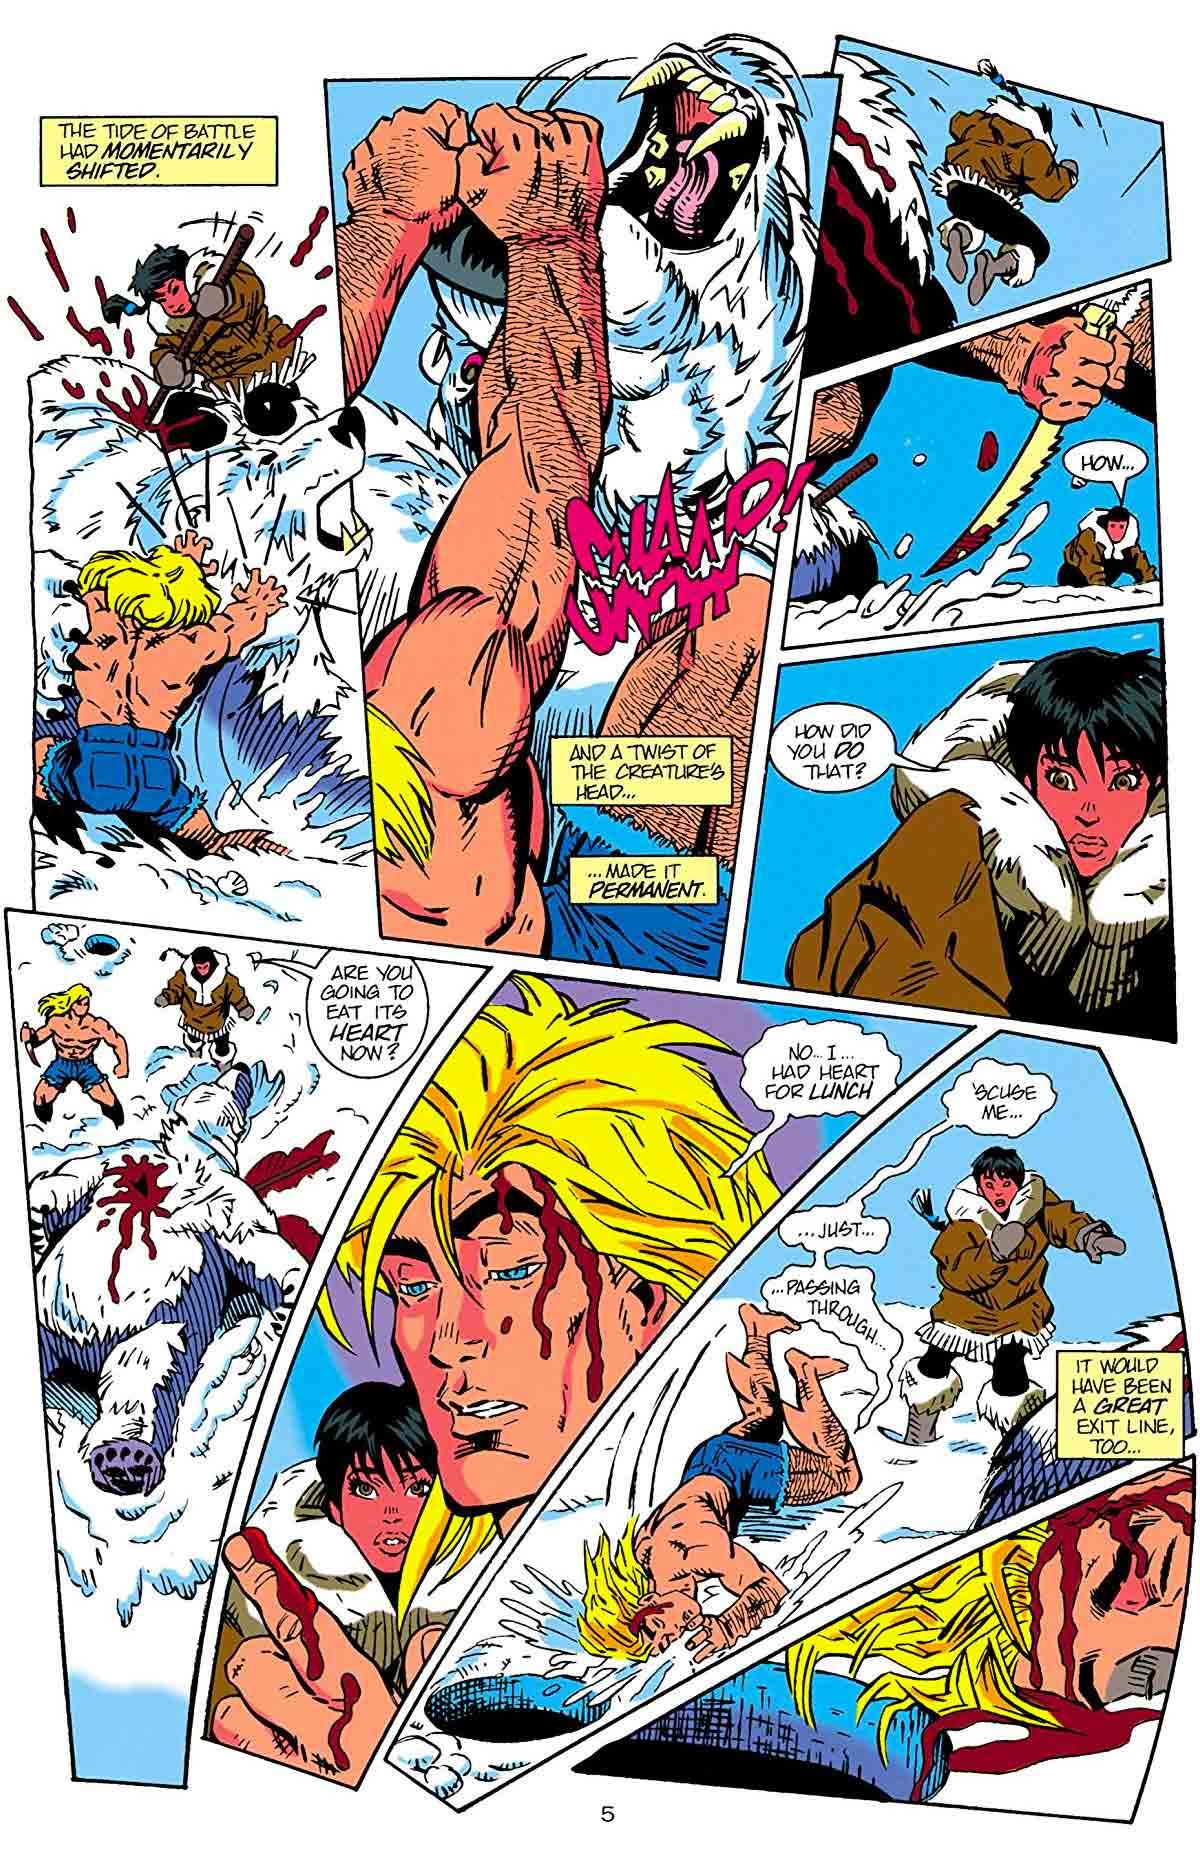 Golem-Comics-Aquaman-Peter-David-Kirk-Jarvinen-05